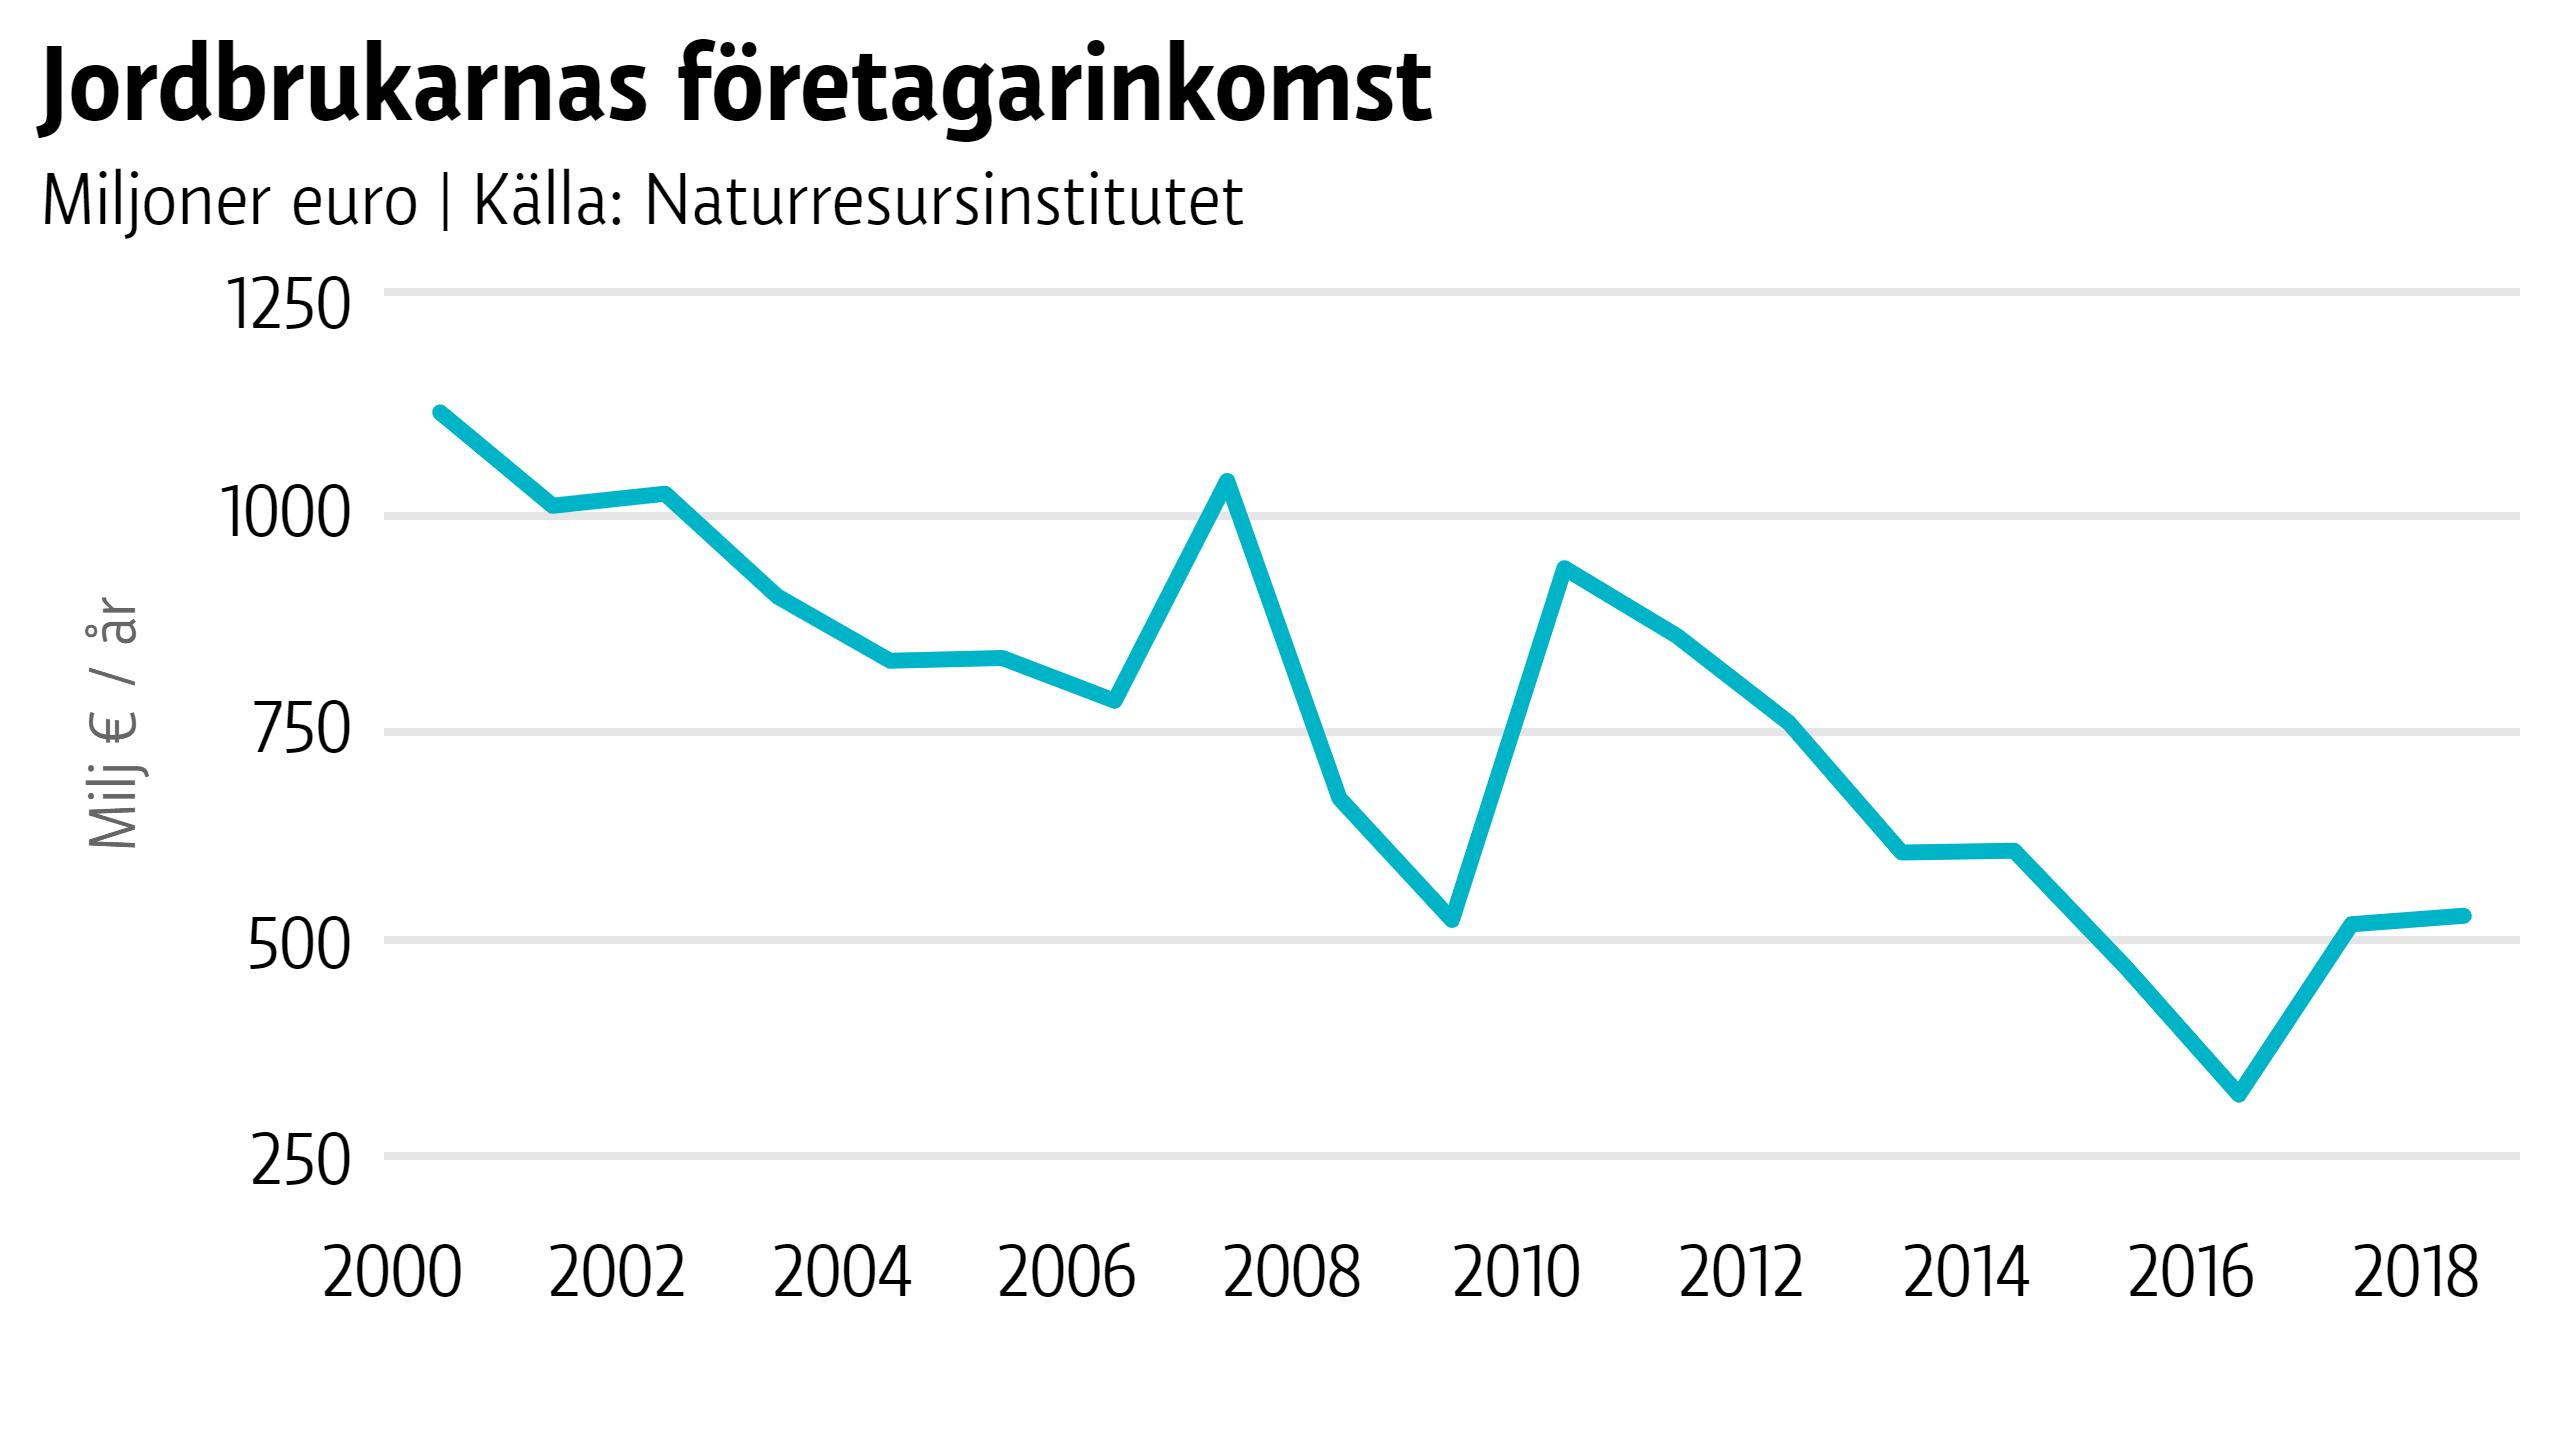 Graf som visar att jordbrukarnas företagarinkomst mer än halverats på 20 år. Från cirka 1100 miljoner euro år 2000 till cirka 500 miljoner euro år 2018.